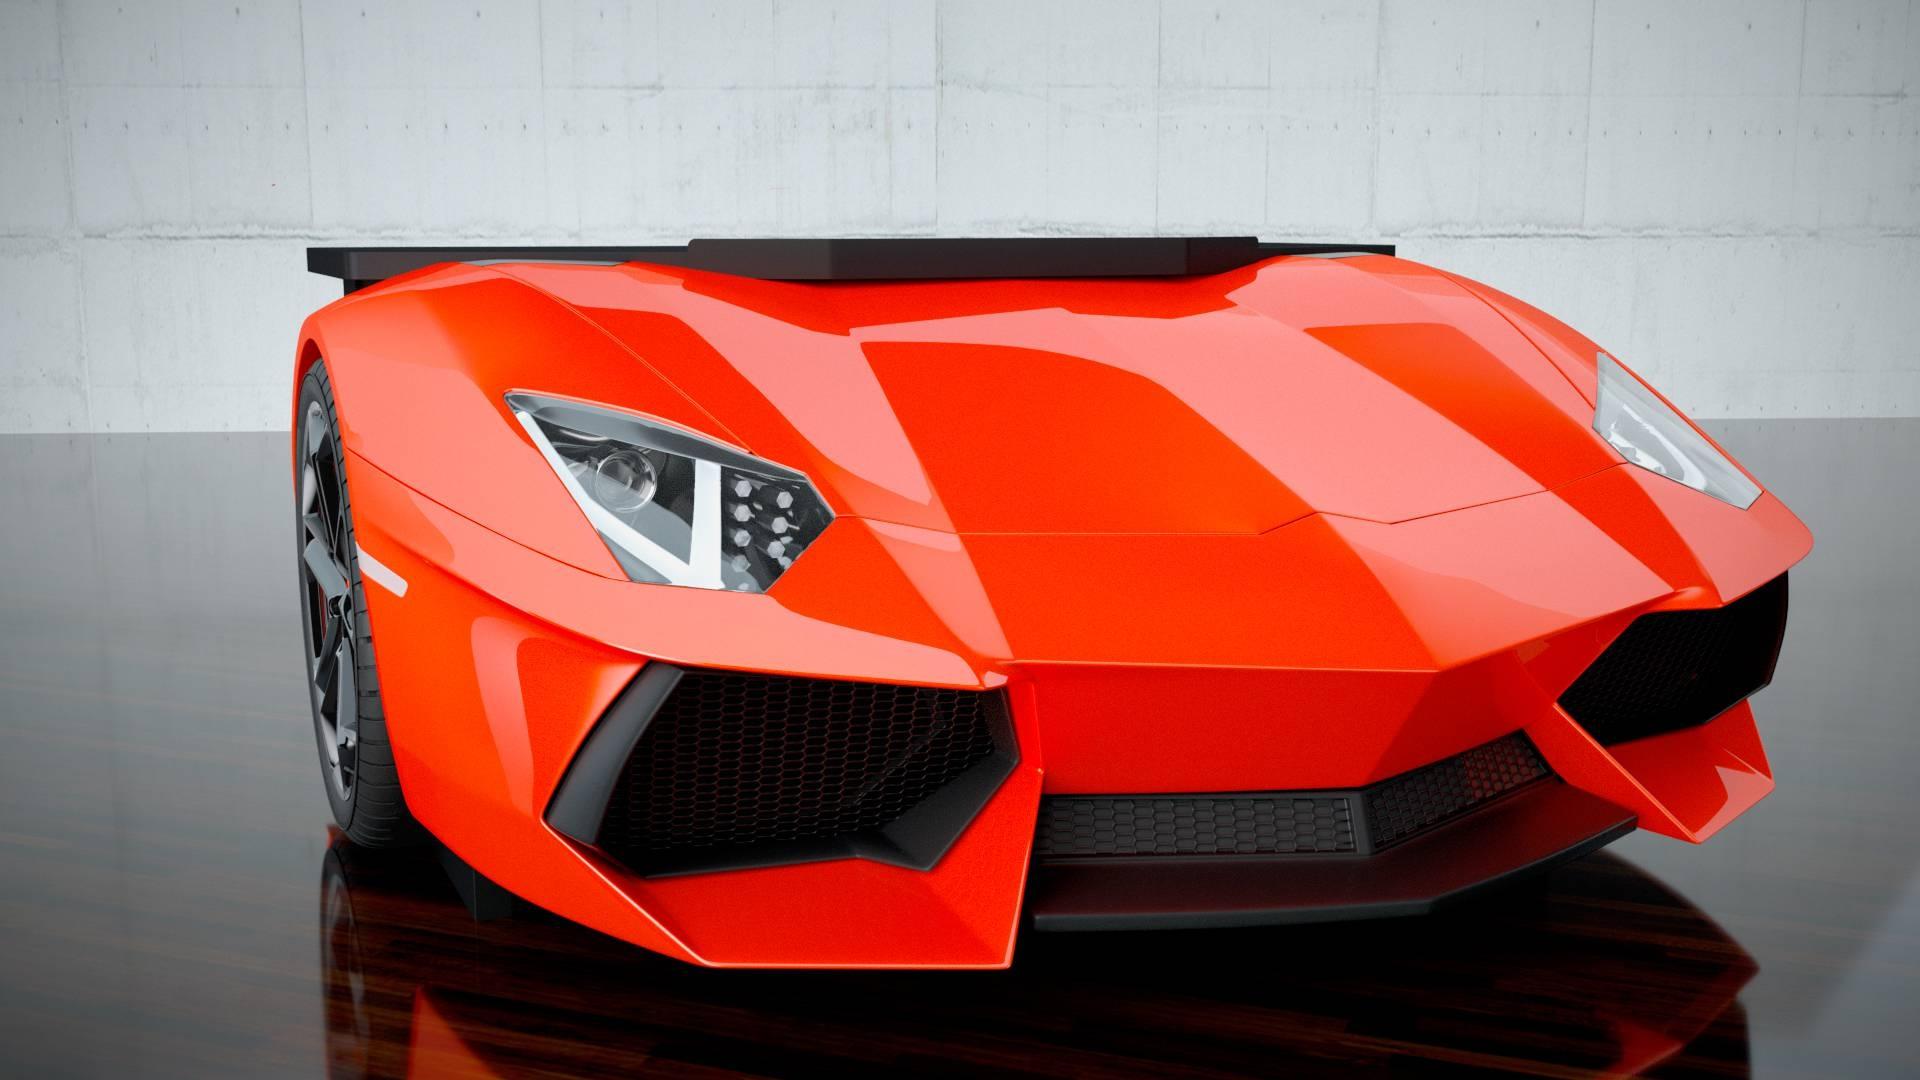 Lamborghini Aventador Un Offrez Bureau Vous WQCoexBrd